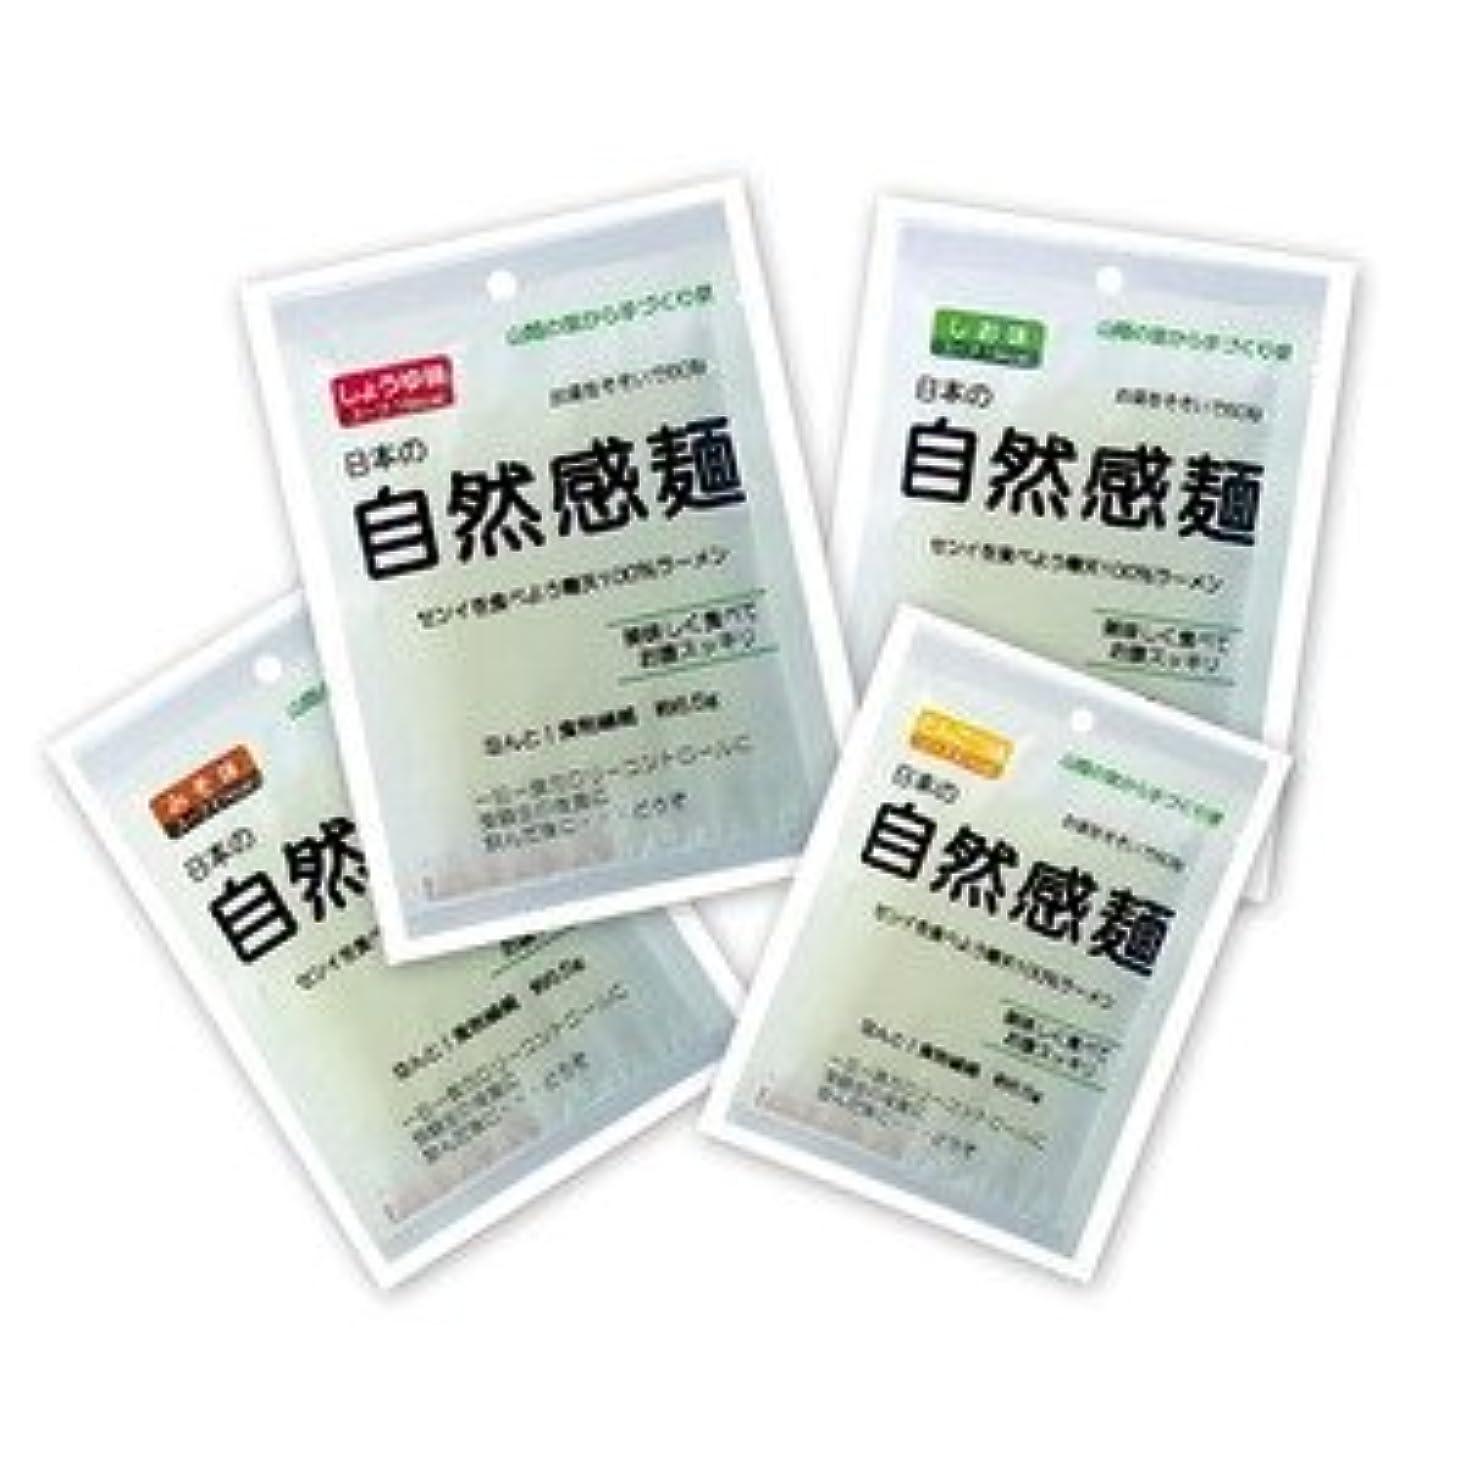 賠償ショートカットジュニア自然寒天ラーメン/ダイエット食品 【4味5食セット】 しょうゆ味?みそ味?しお味?とんこつ味 日本製